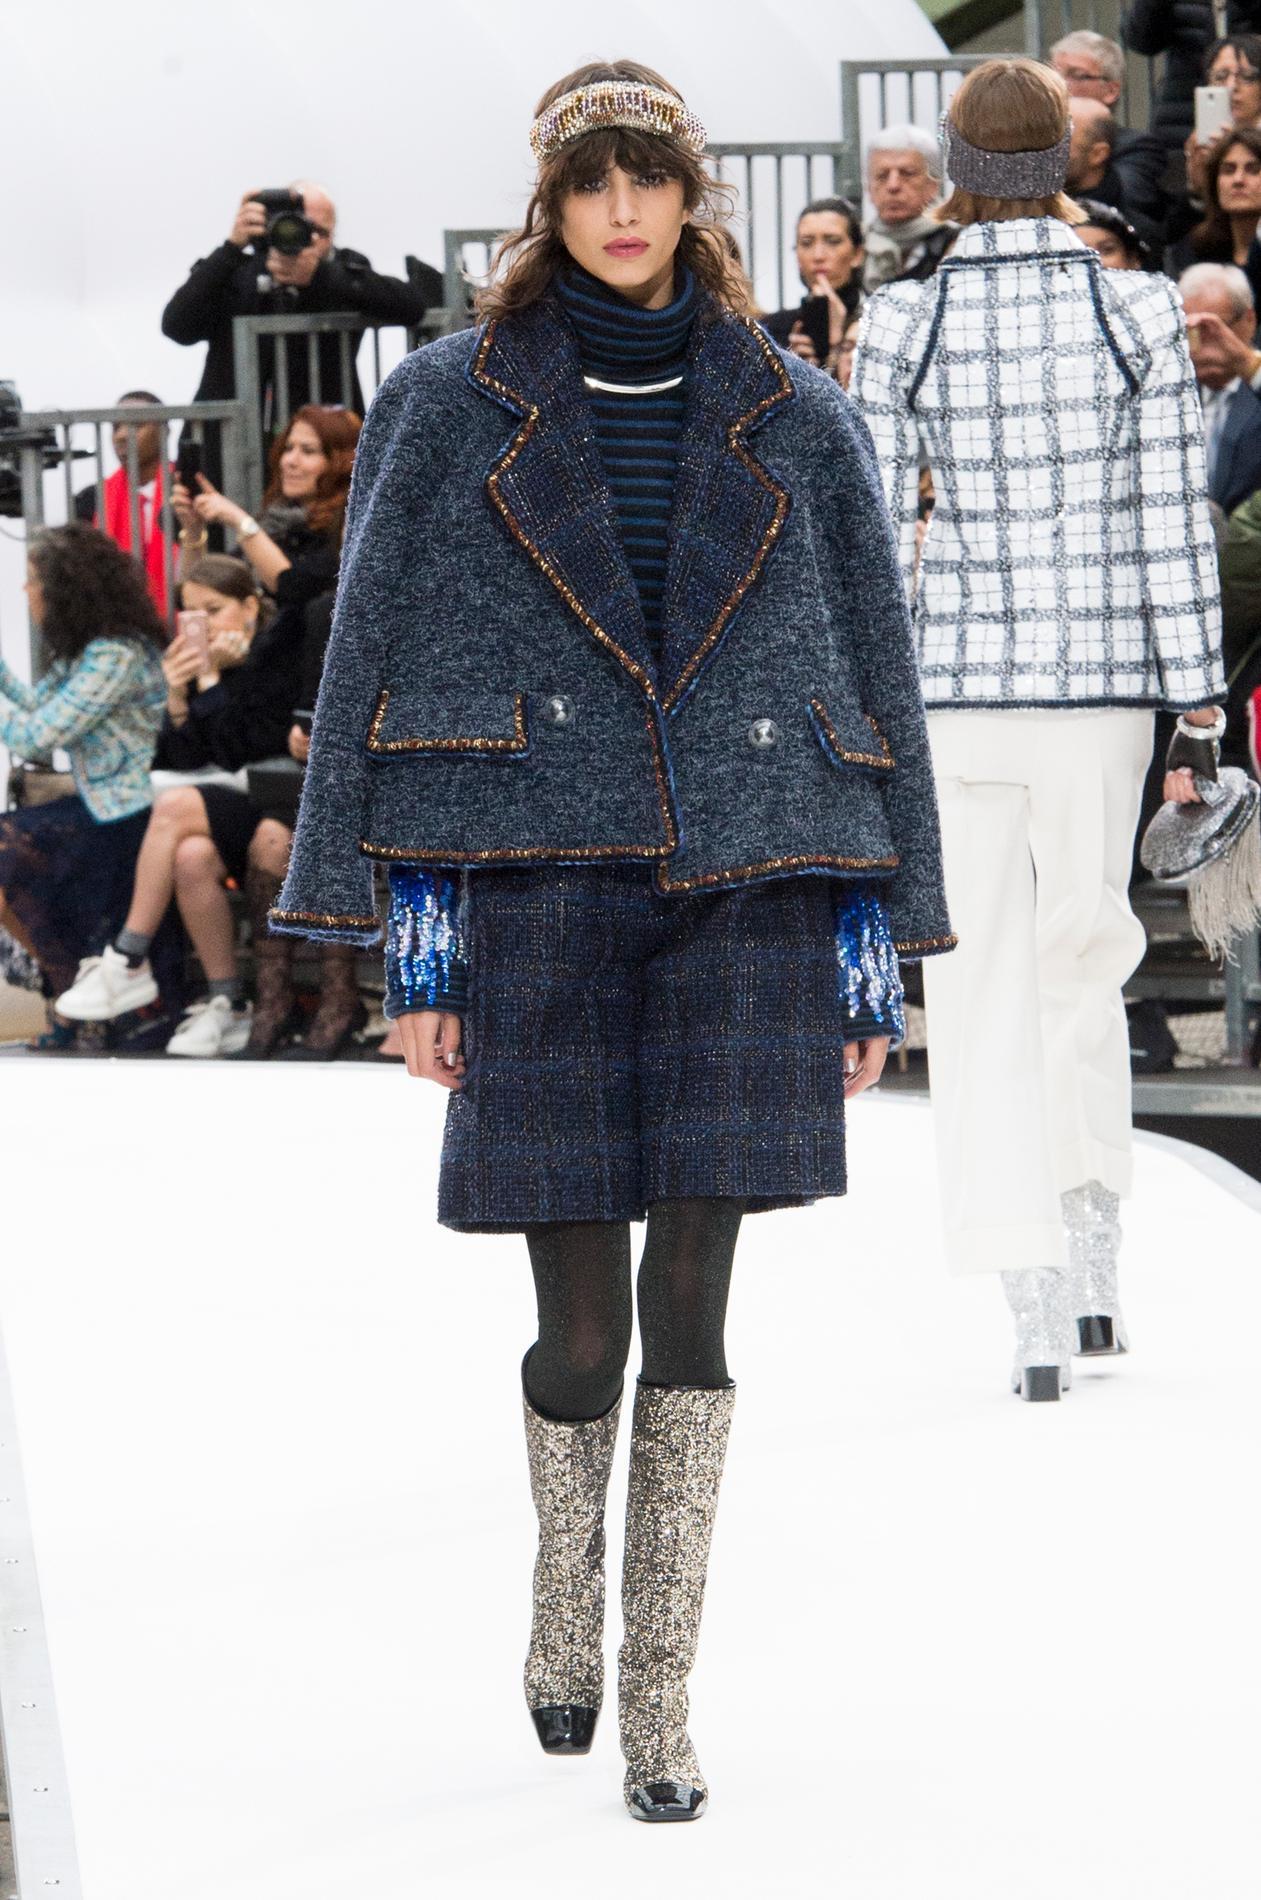 Défilé Chanel automne,hiver 2017,2018, Paris , Look 61.